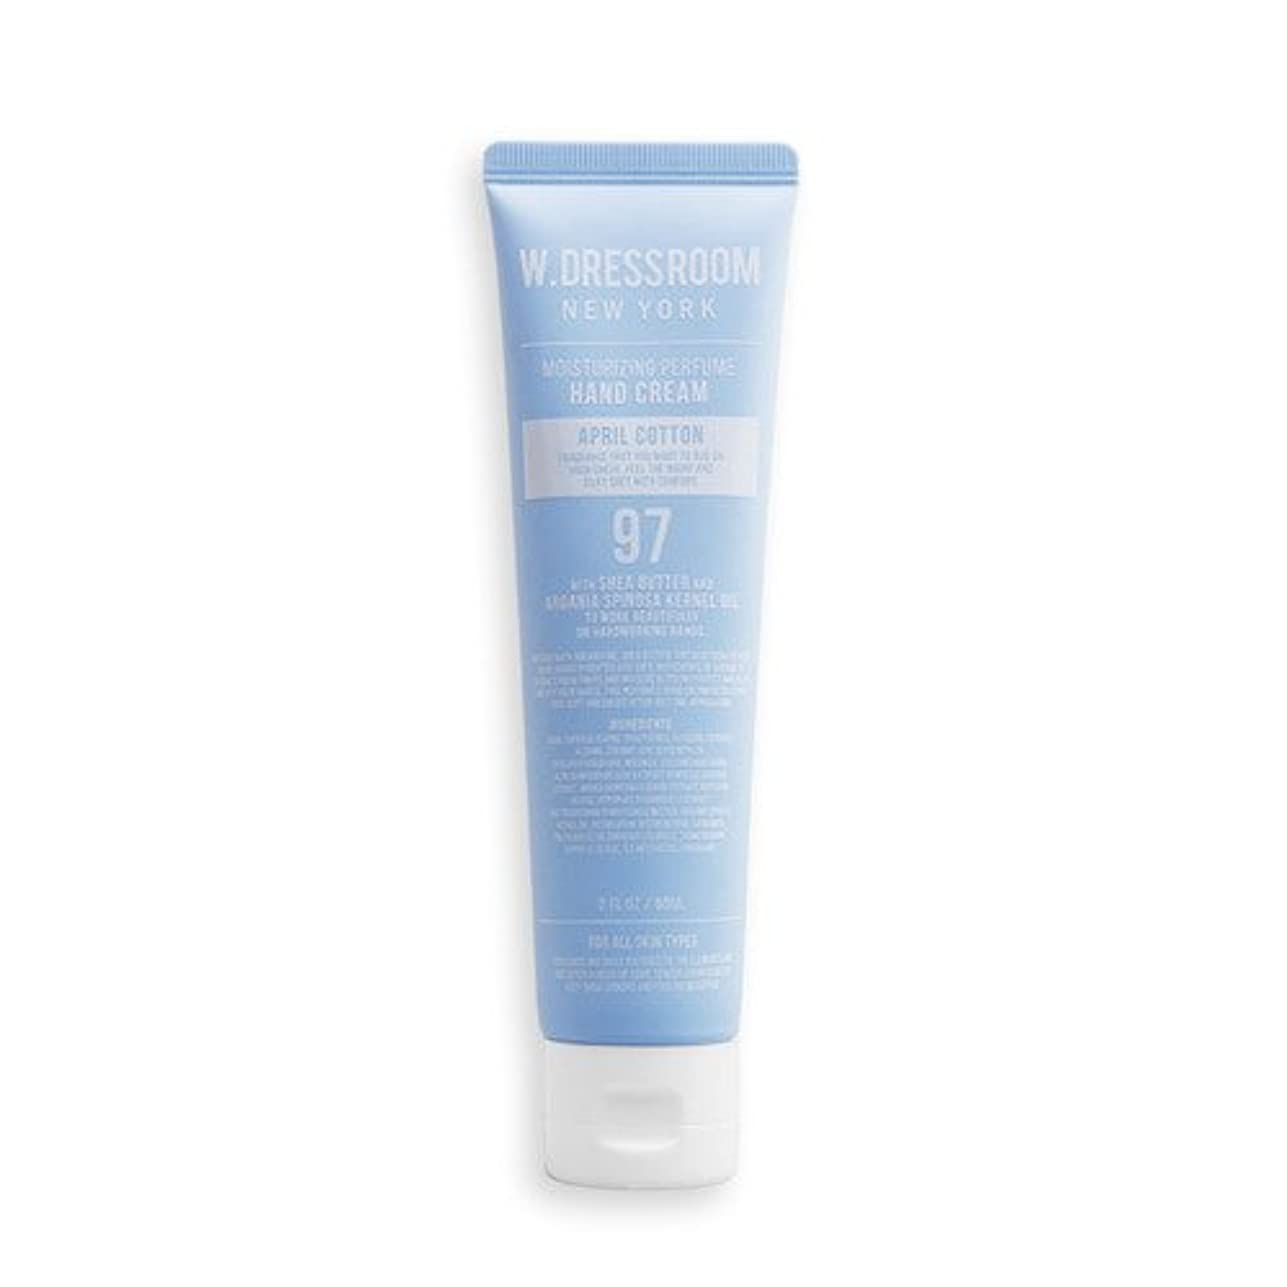 優先権風刺不機嫌W.DRESSROOM Moisturizing Perfume Hand Cream 60ml/ダブルドレスルーム モイスチャライジング パフューム ハンドクリーム 60ml (#No.97 April Cotton)...